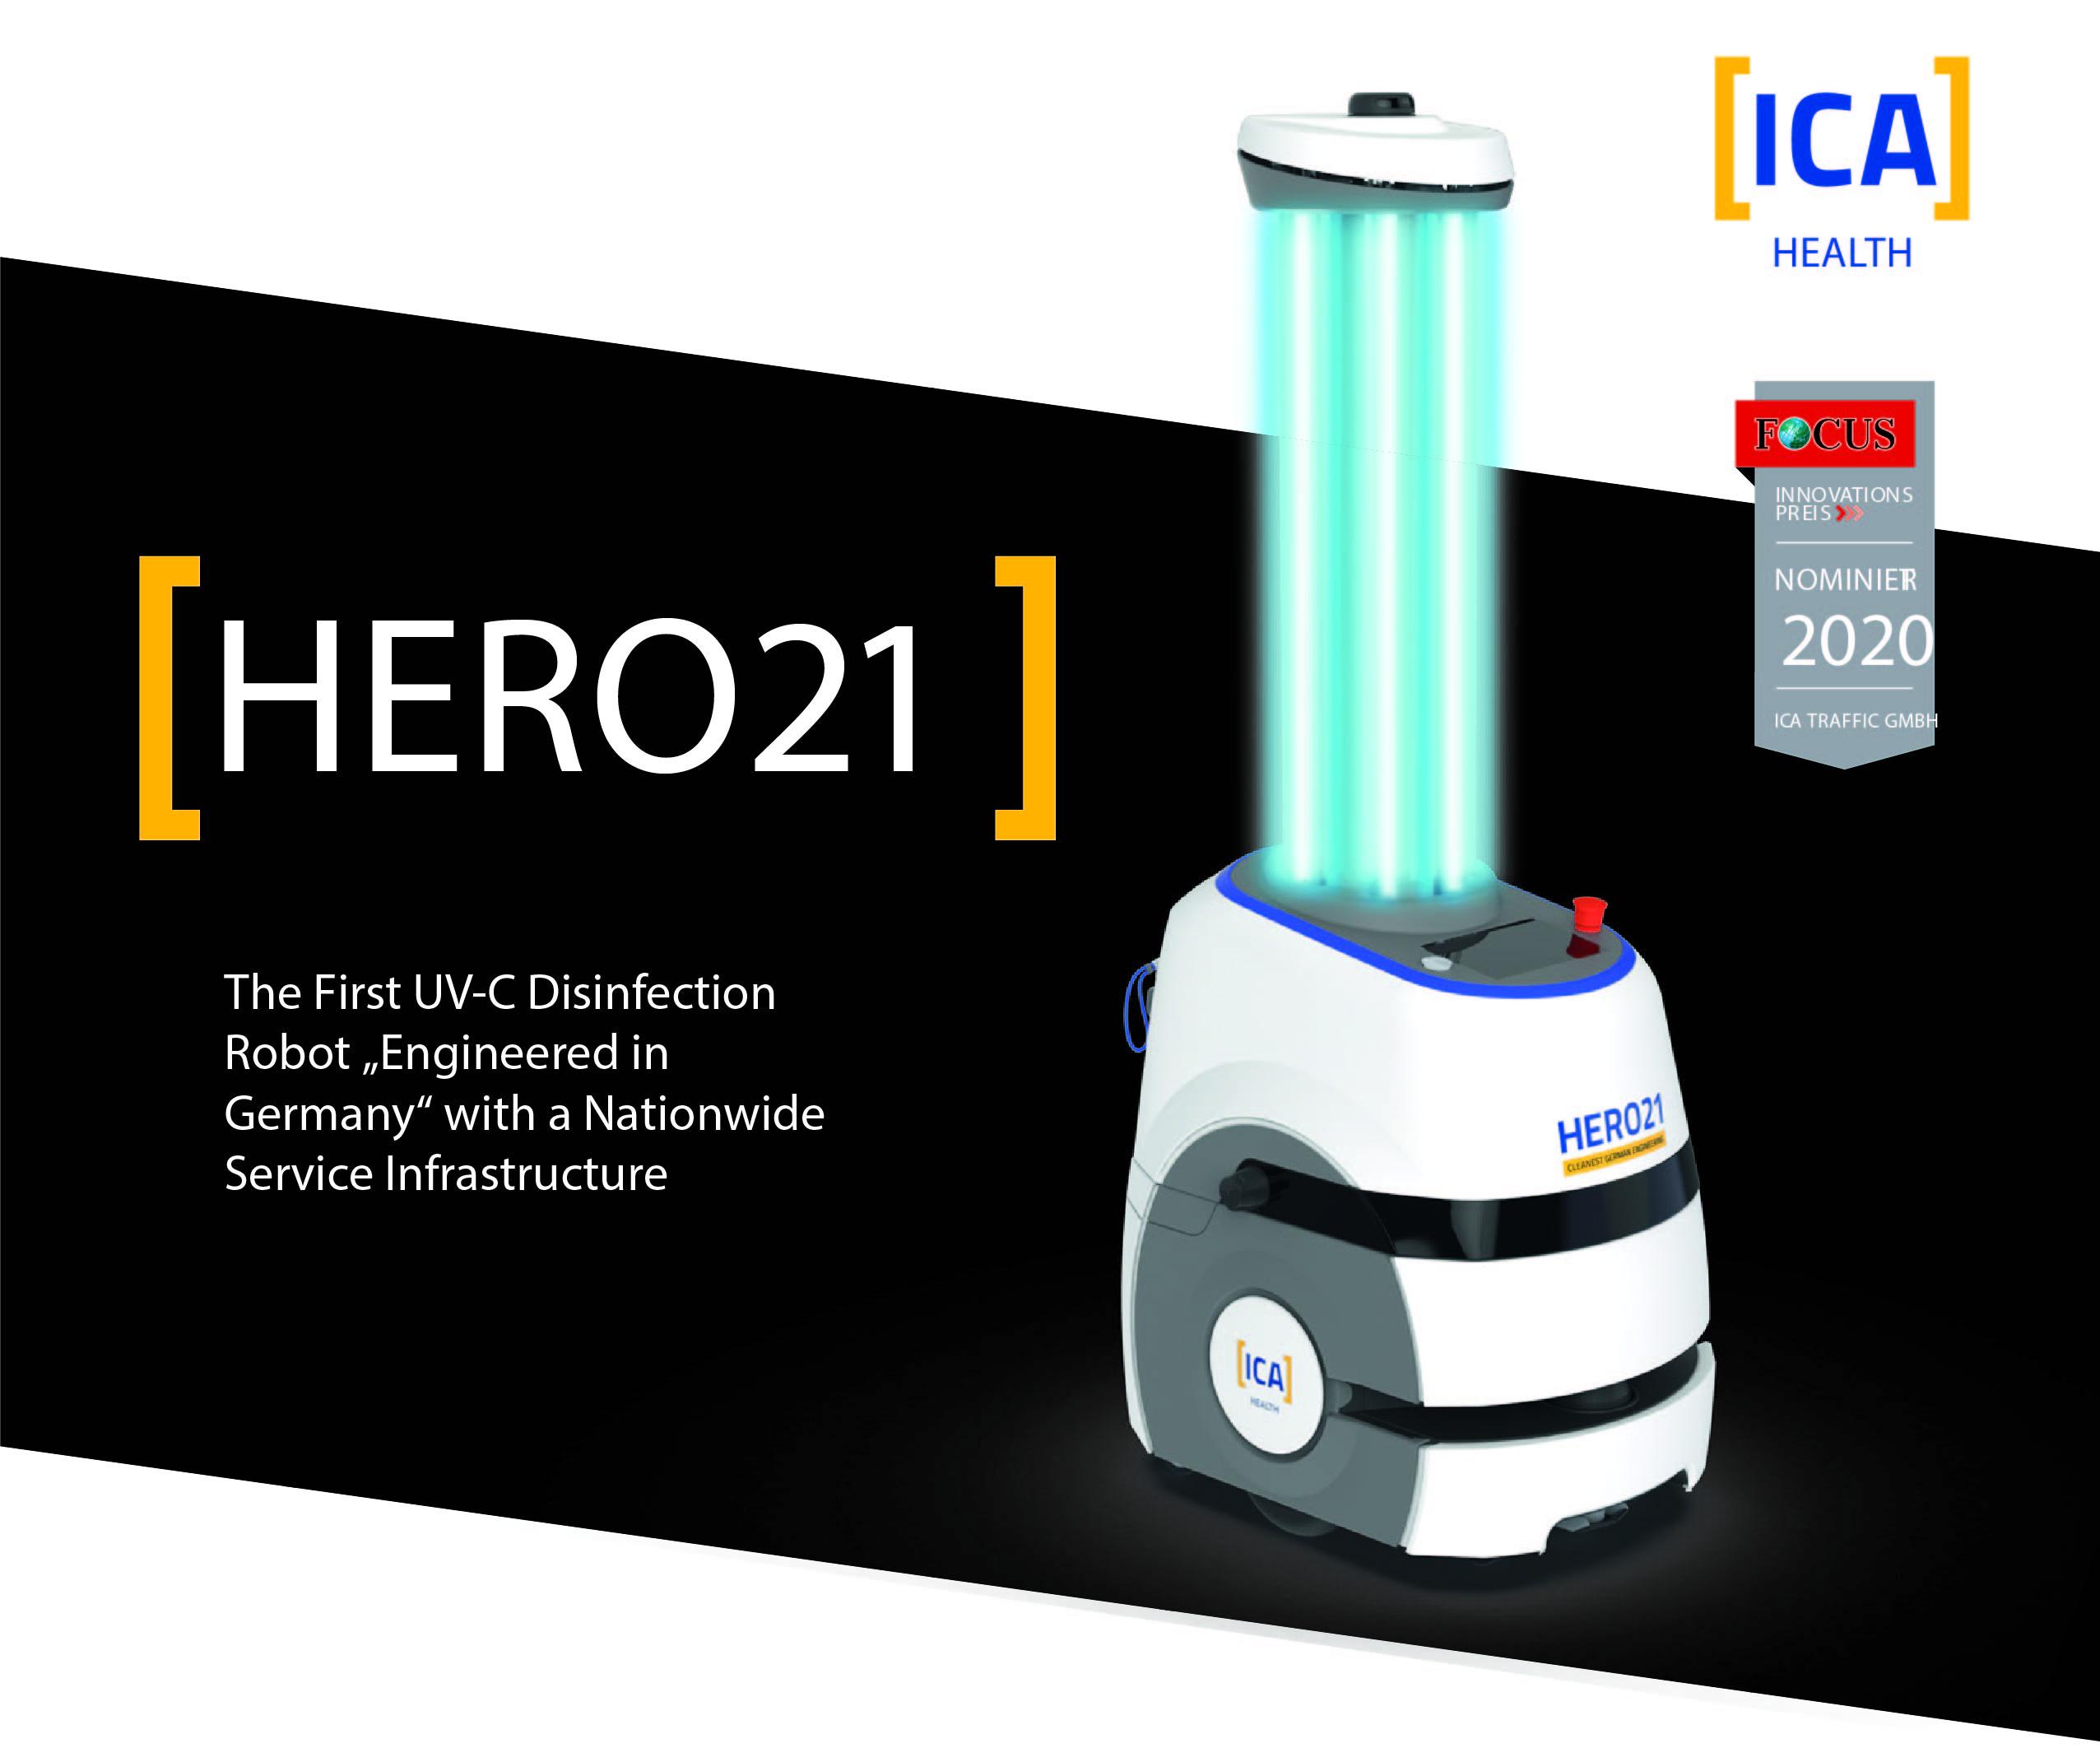 UVC Робот Hero 21